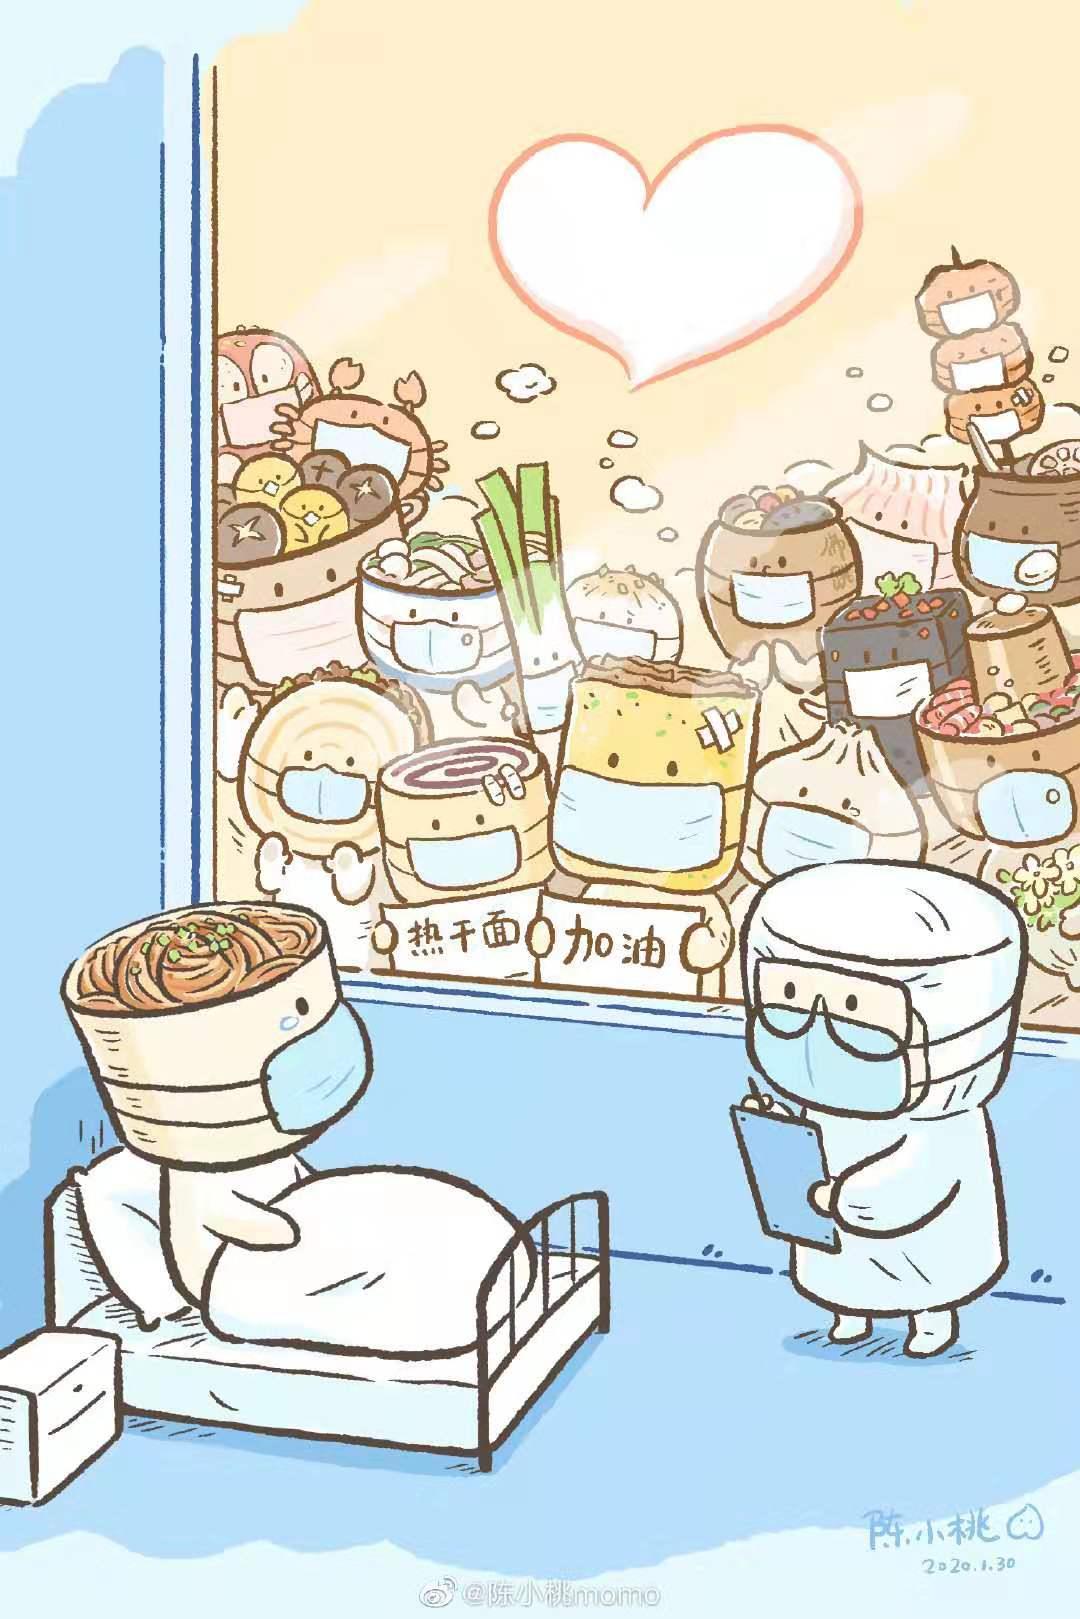 热干面糯米饭加油表情包图片高清版分享图2: